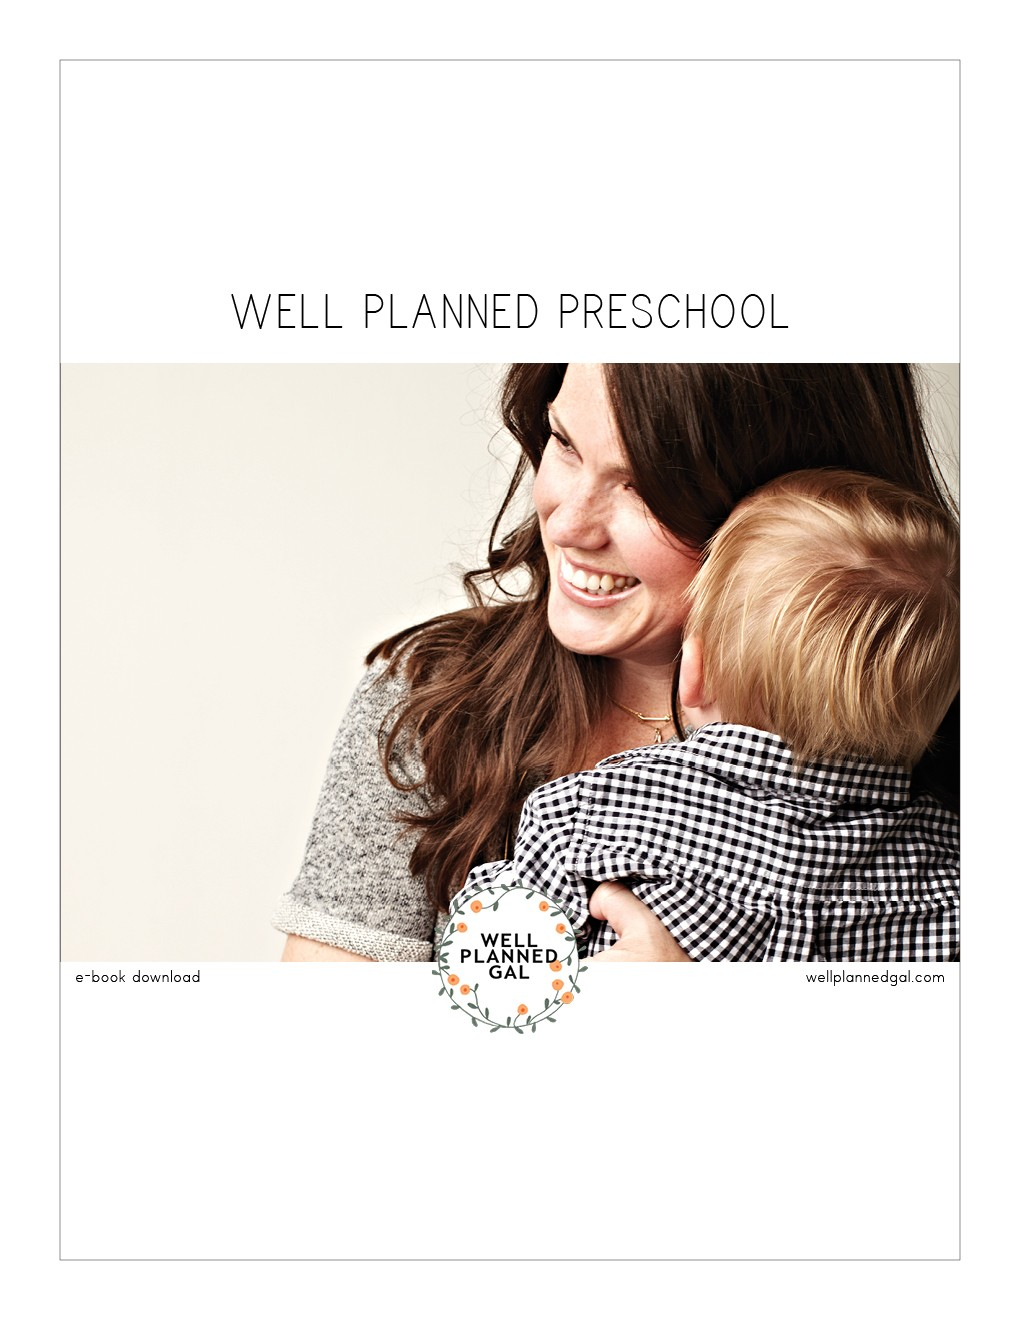 Well Planned Preschool